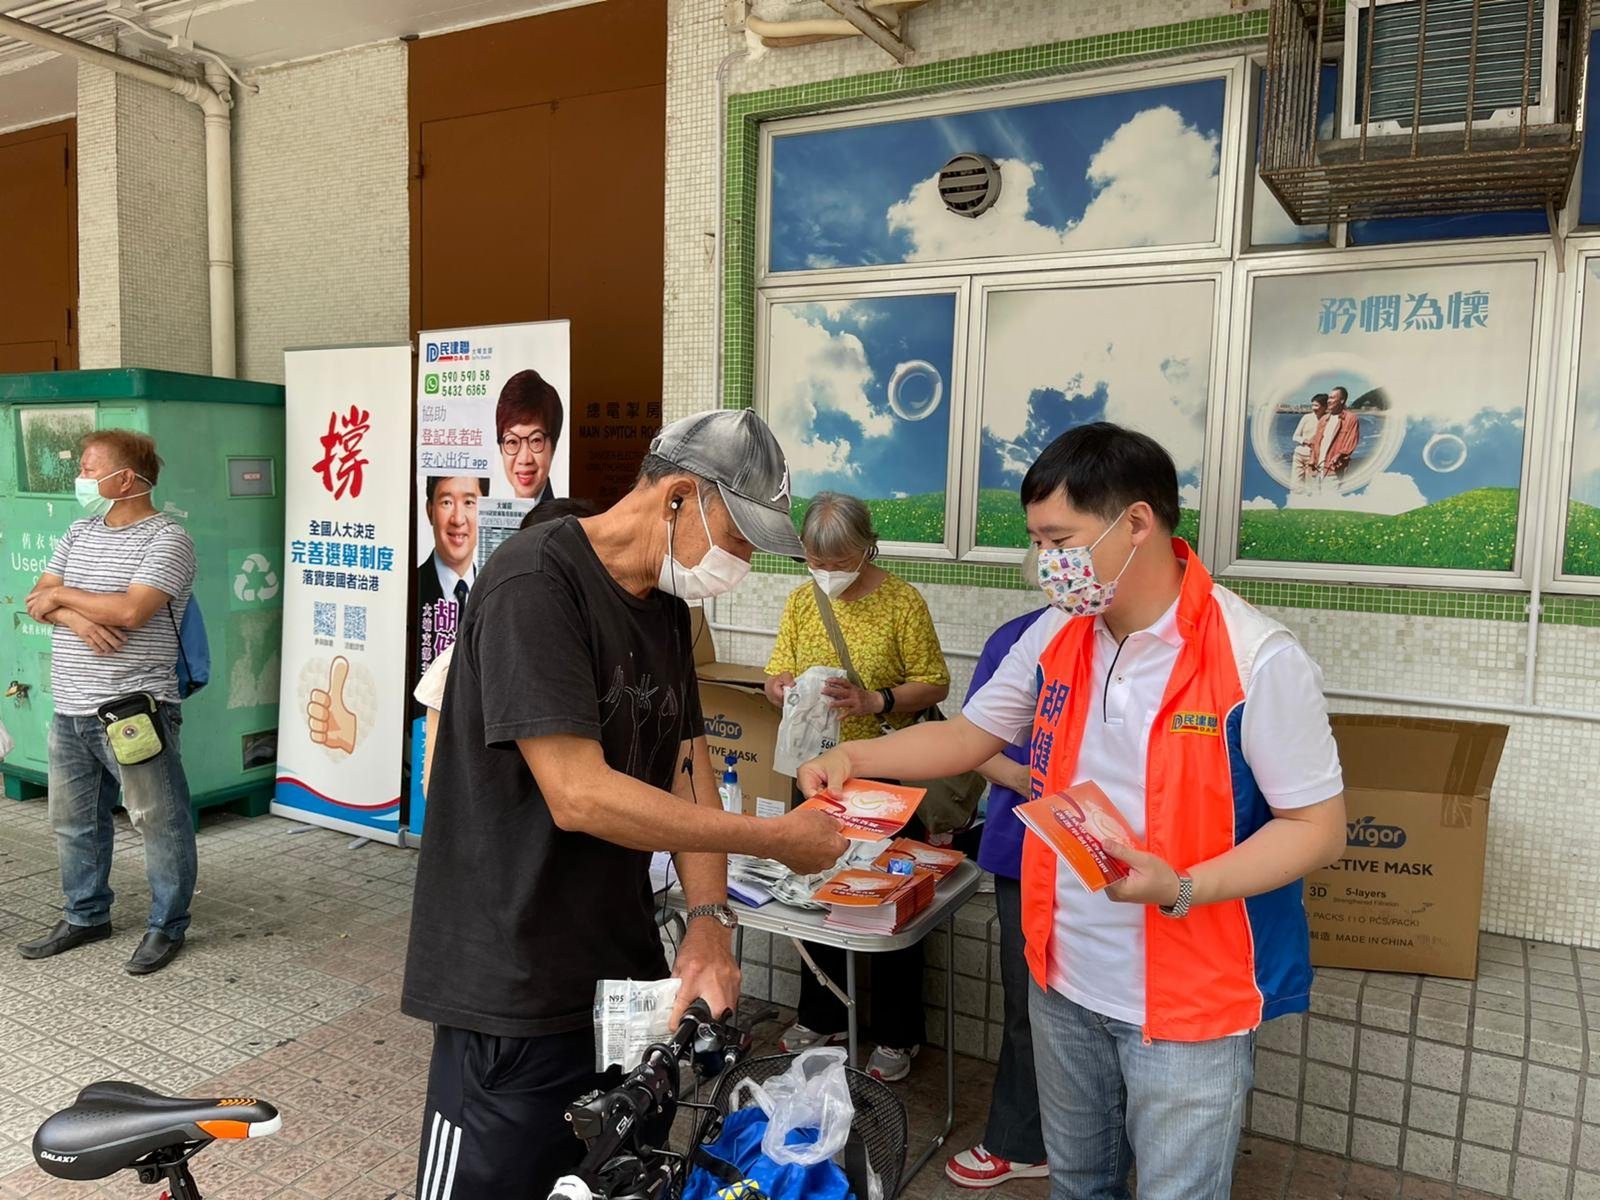 民建聯在大埔擺街站,市民前來簽名簽名支持完善香港特區的選舉制度。(大公文匯全媒體記者 李九歌 攝)